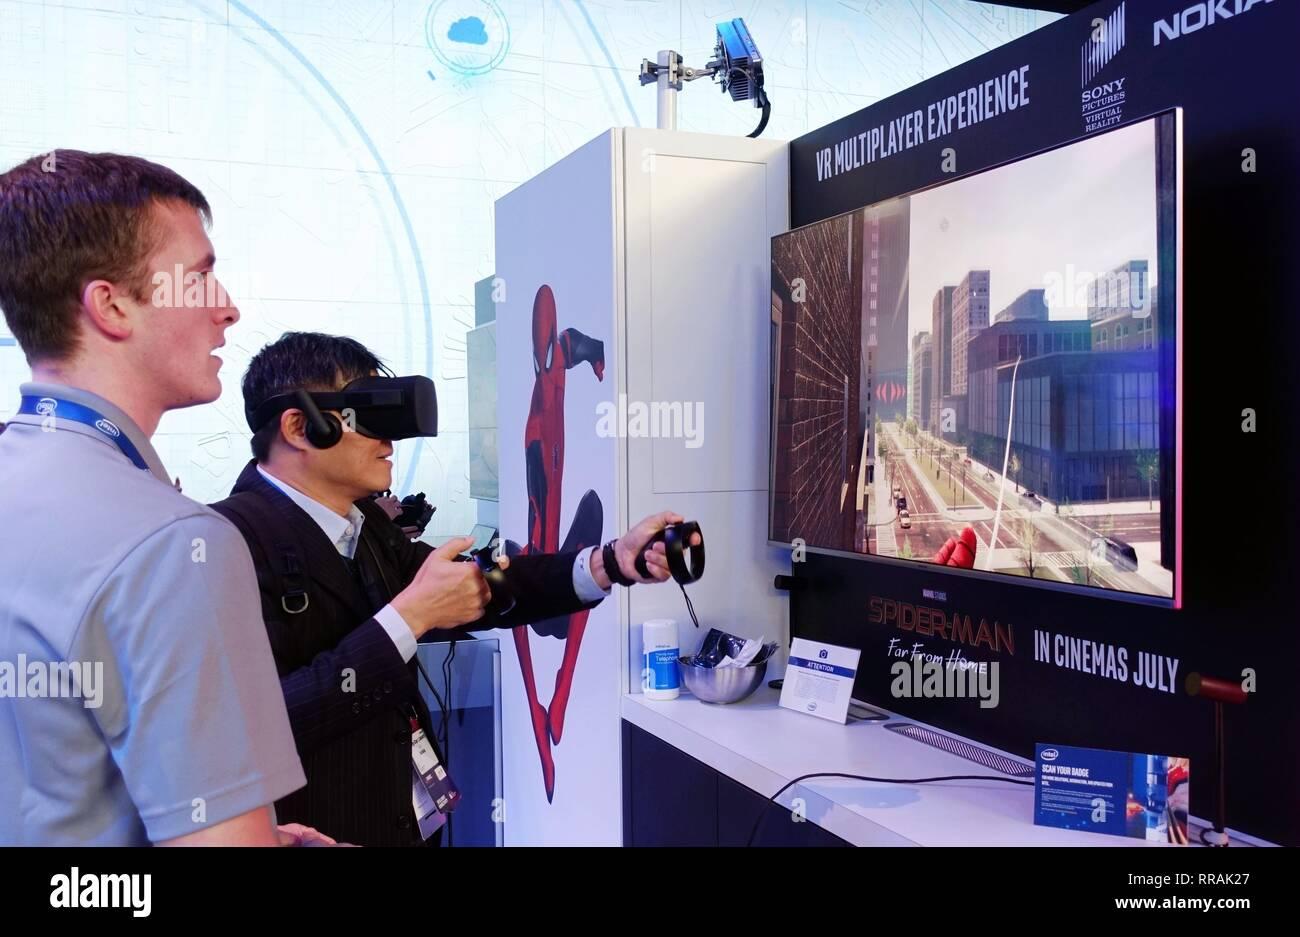 Barcelone, Espagne. Feb 25, 2019. Un visiteur joue au Jeux VR 2019 Mobile World Congress (MWC) de Barcelone, Espagne, le 25 février 2019. Les quatre jours de la CMM 2019 s'est ouverte lundi à Barcelone. Credit: Guo Qiuda/Xinhua/Alamy Live News Banque D'Images